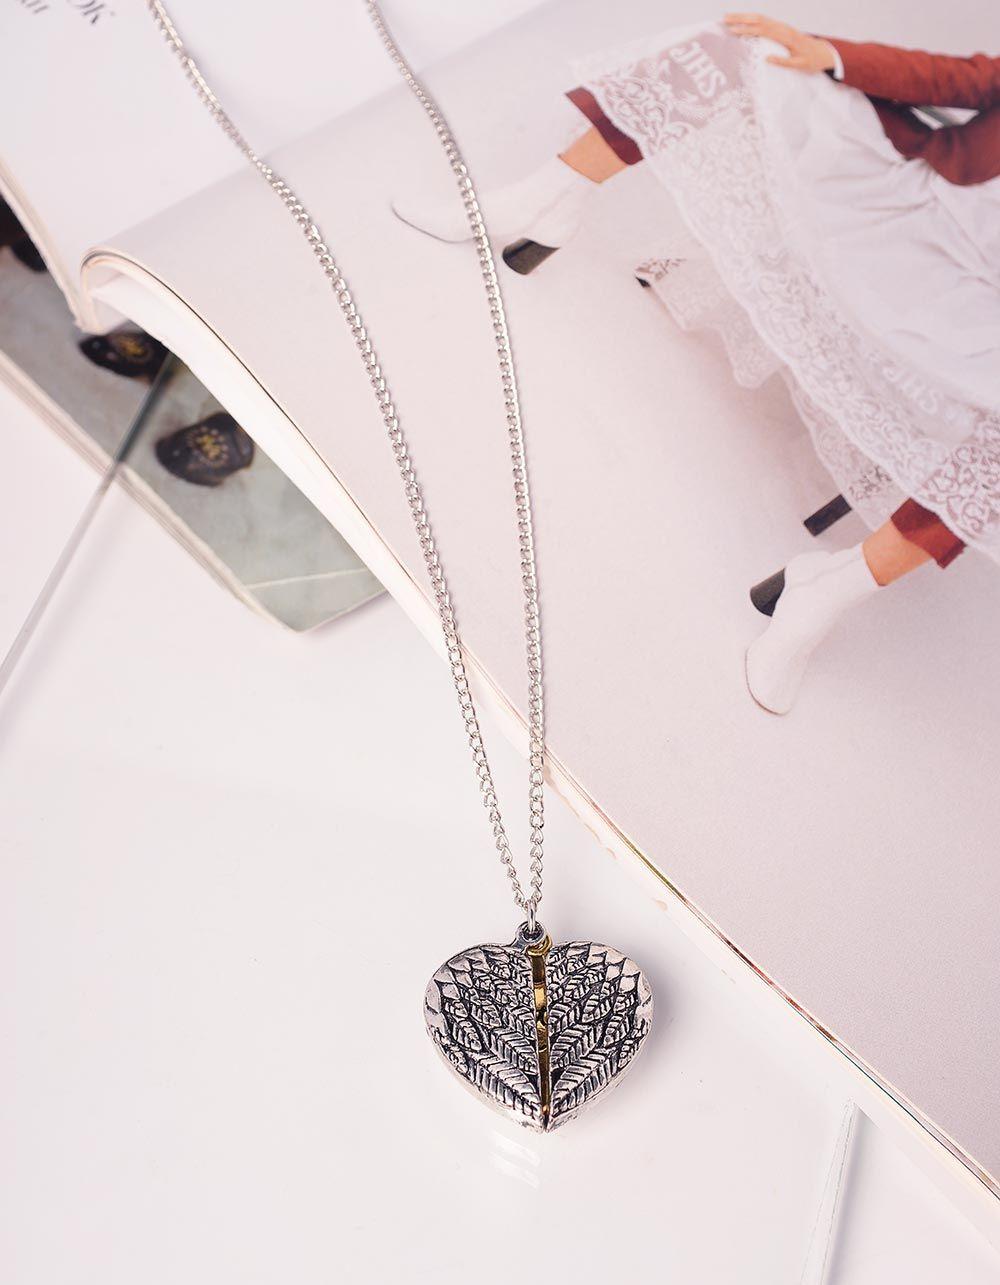 Підвіска на шию у вигляді серця з написом   239923-21-XX